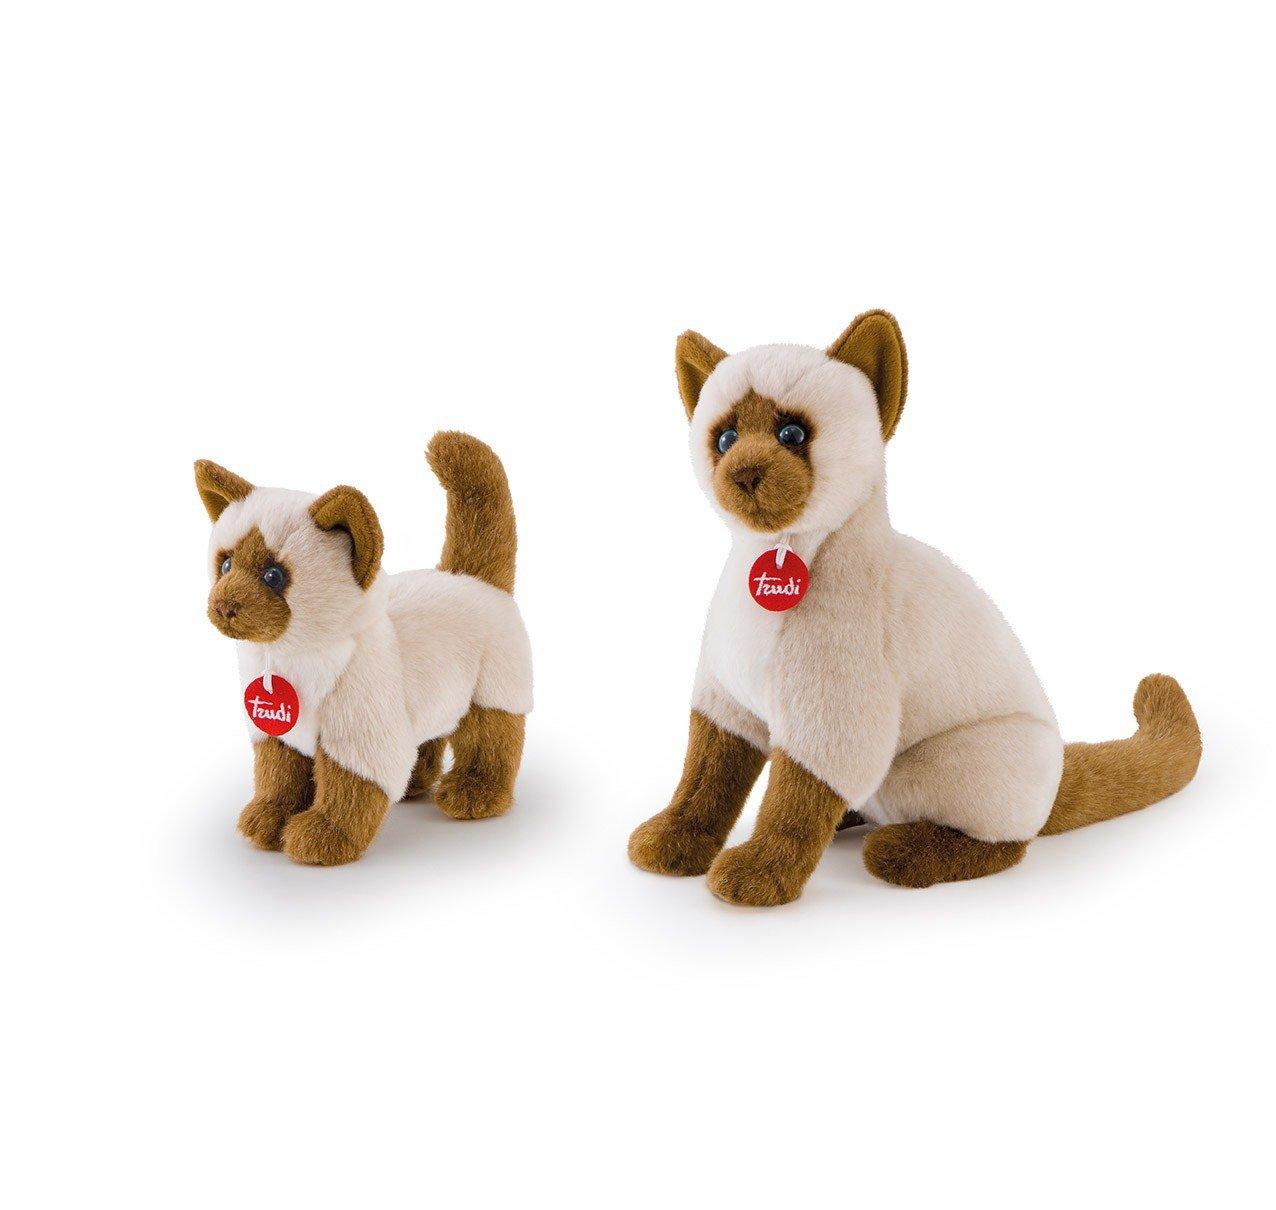 Amazon.com: Trudi - 10633 - Peluche - Chat Siamois Greta - 21 Cm: Toys & Games